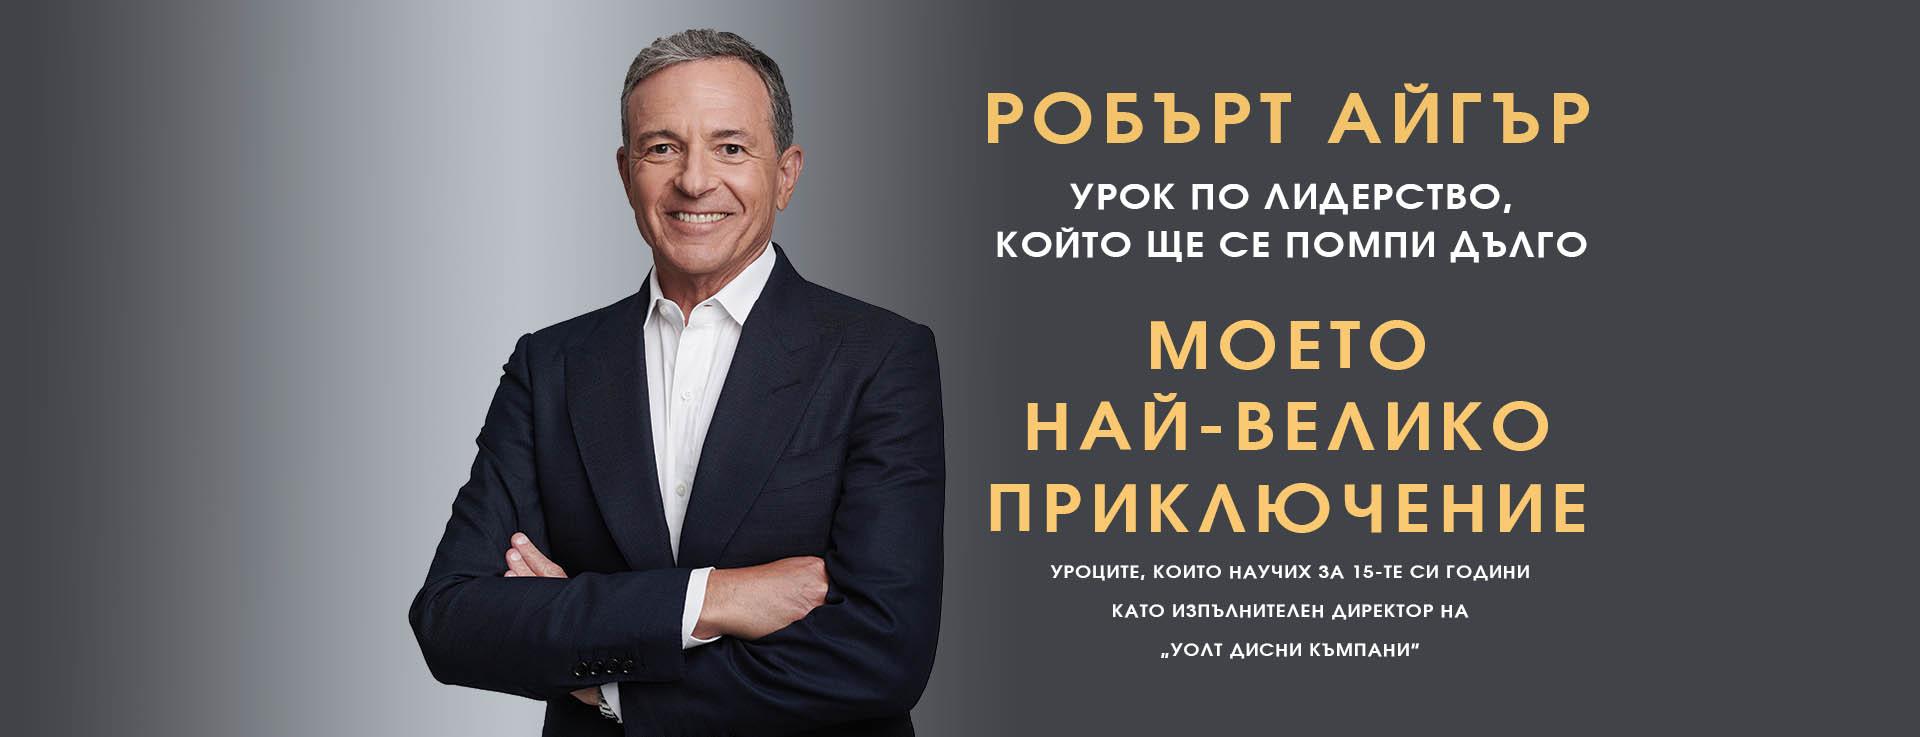 Робърт Айгър